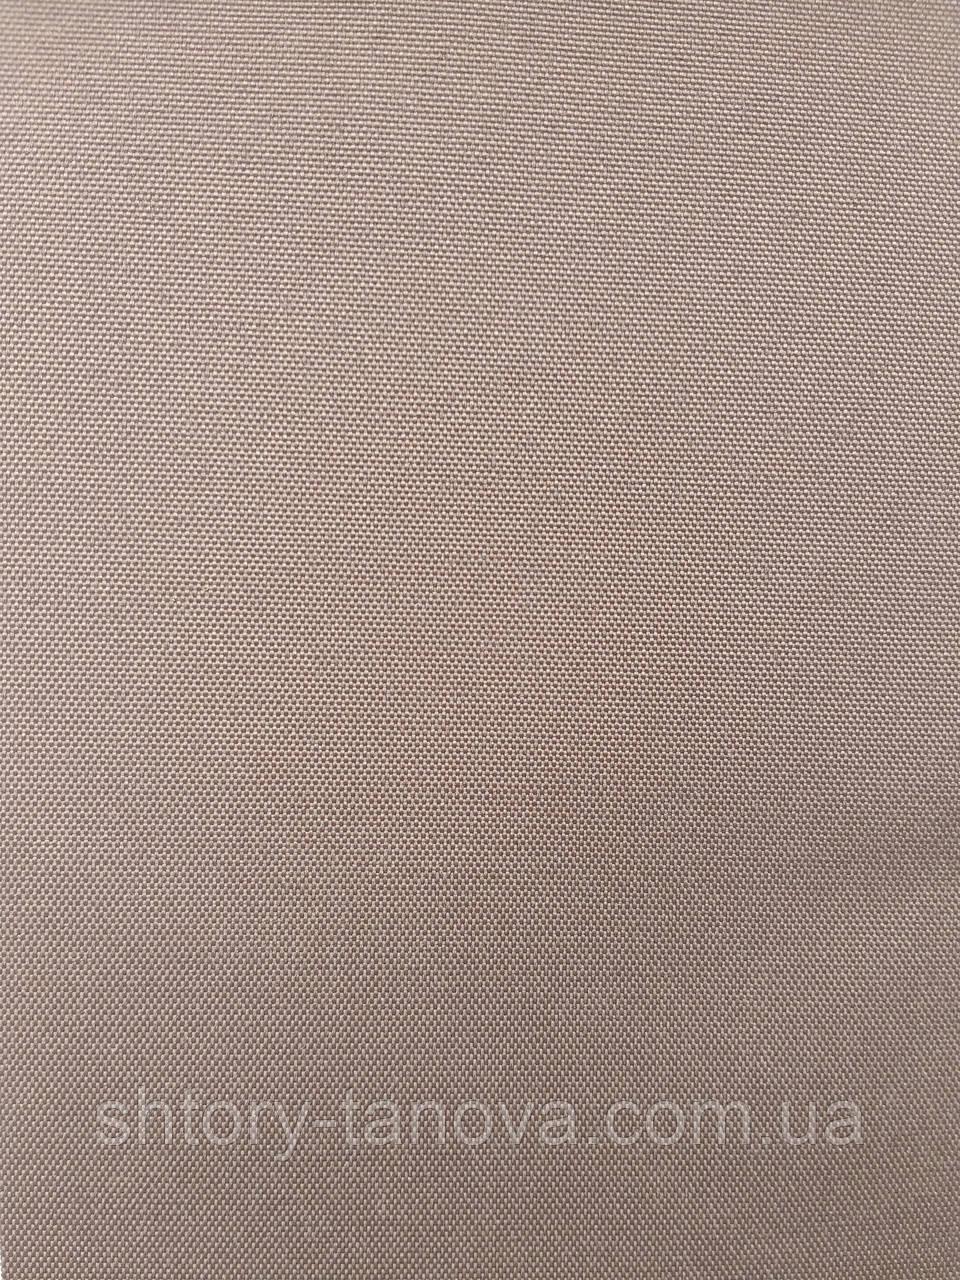 Рулонные шторы рубин блэк-аут (блекаут) кофейный